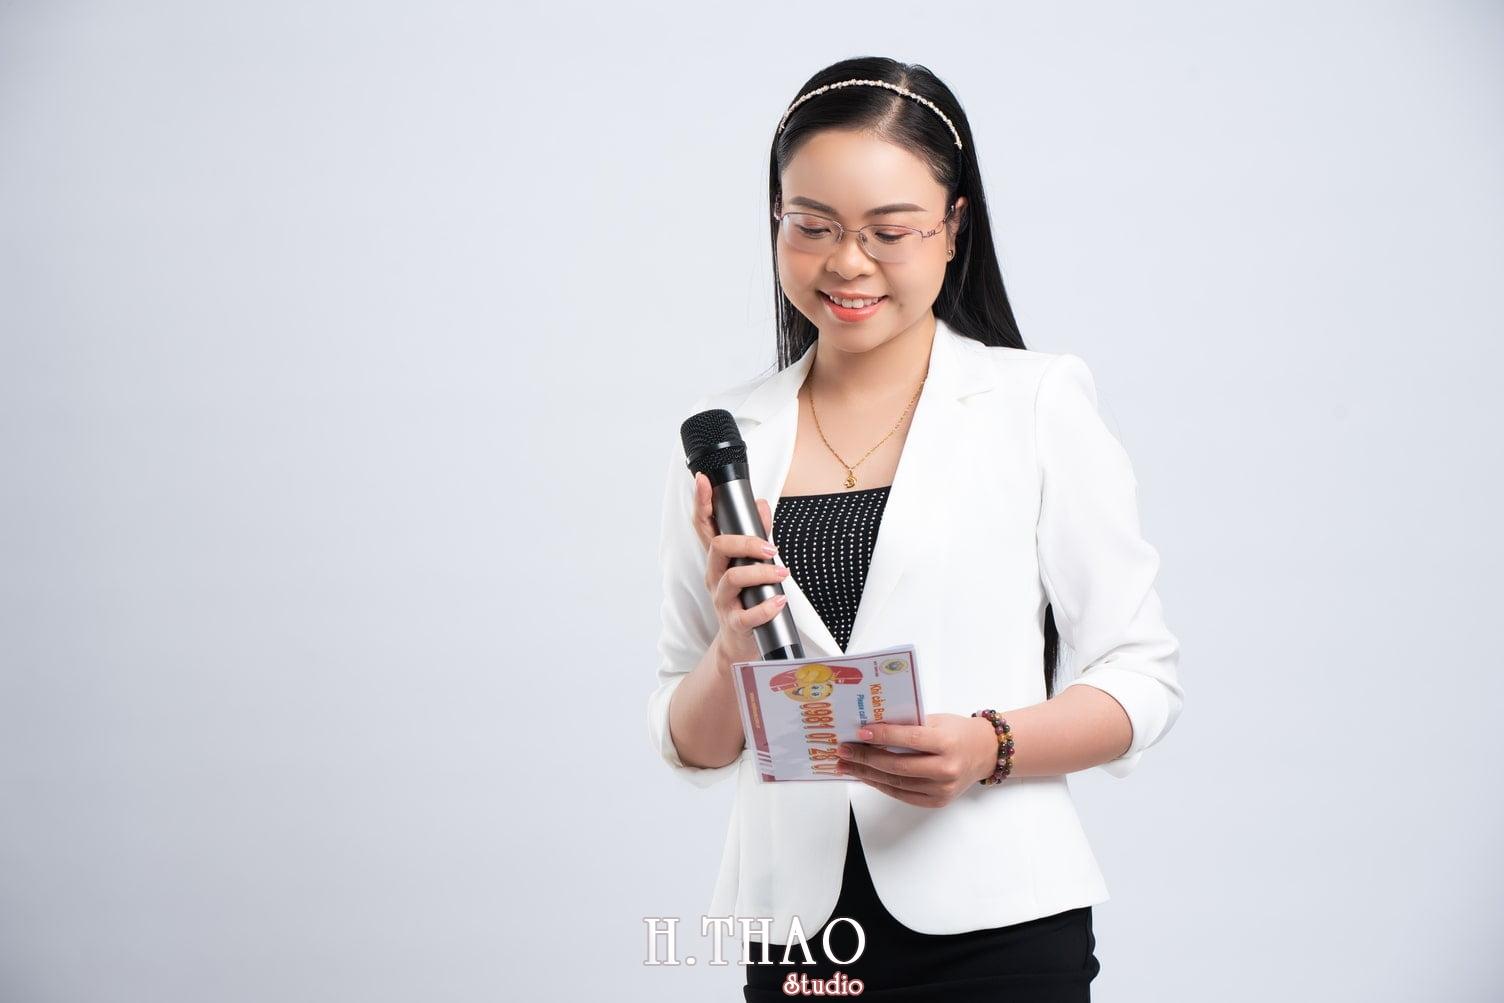 Anh Doanh nhan 15 1 - Báo giá chụp ảnh doanh nhân